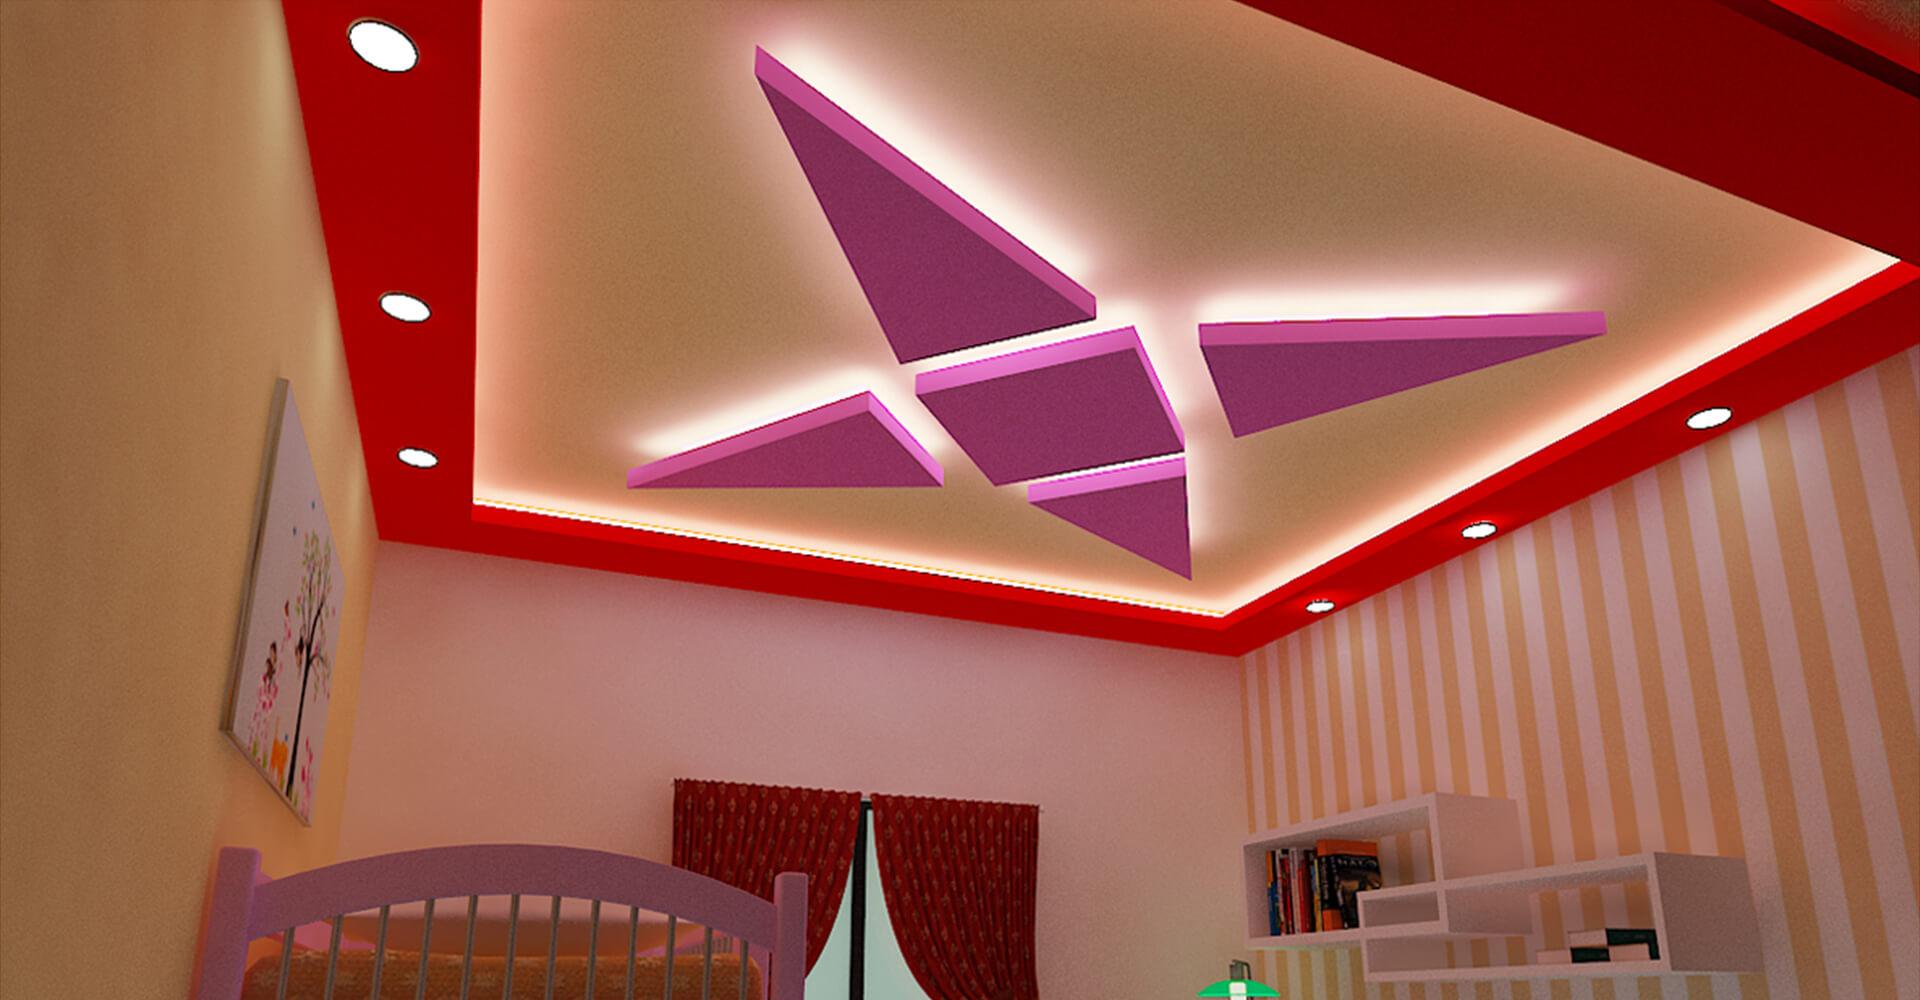 trần thạch cao hình sao 4 cánh cho phòng ngủ trẻ em